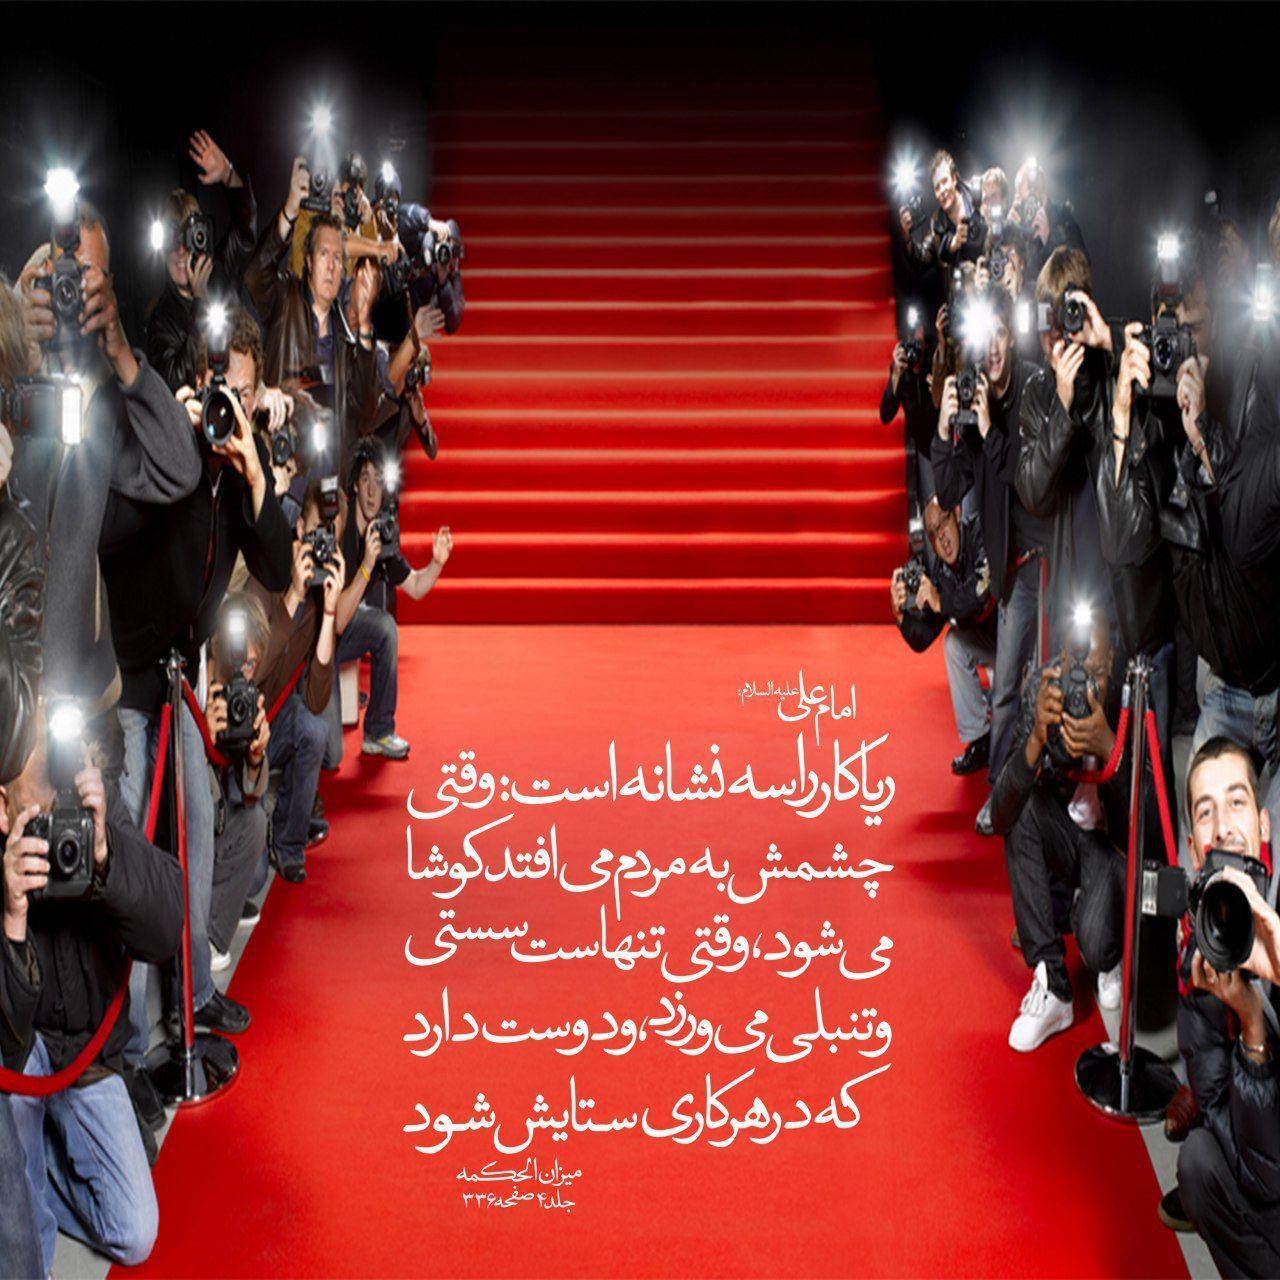 218260 مدیریت سایت